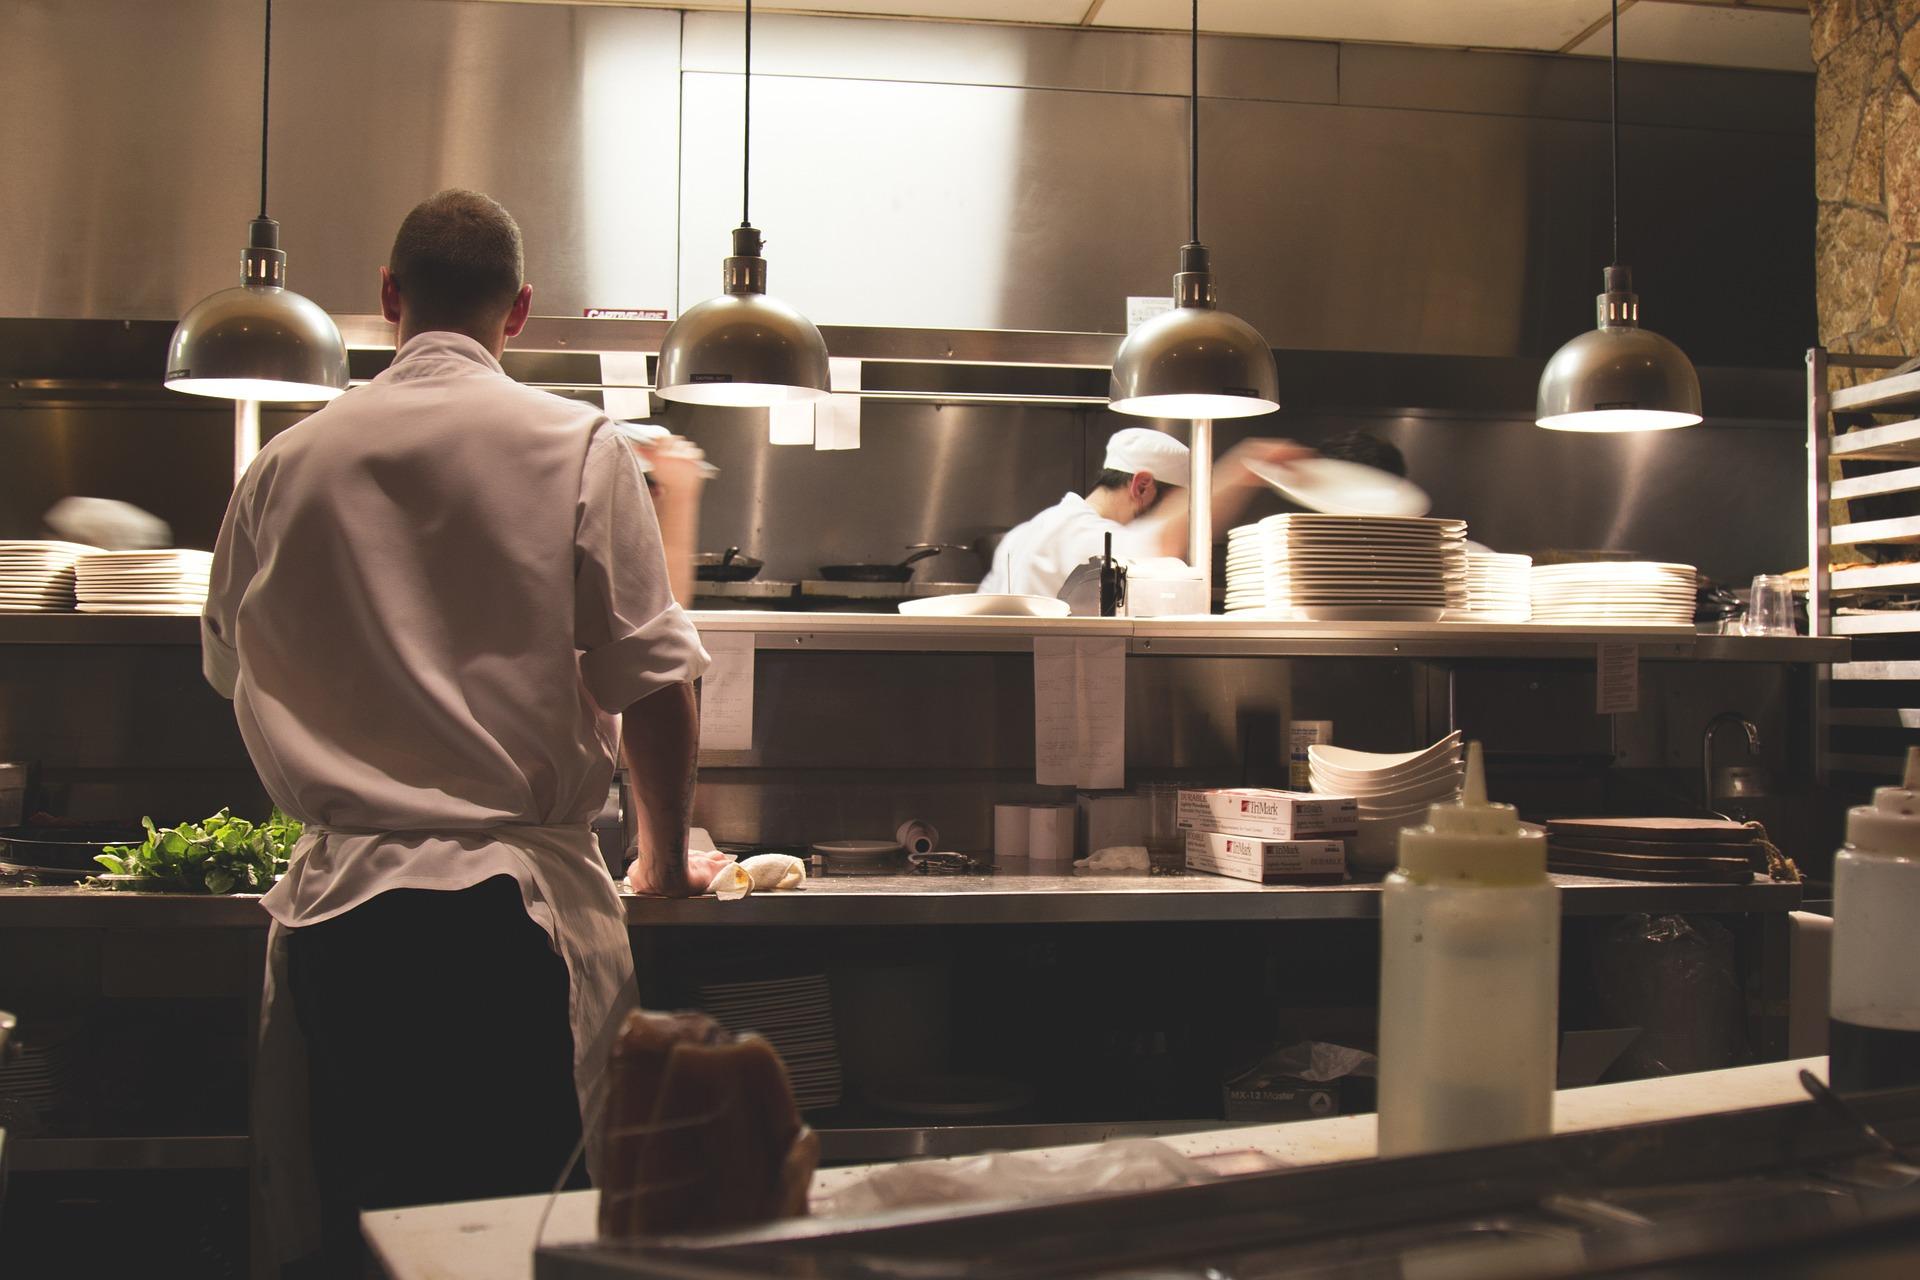 Dark Kitchens y restaurantes virtuales: ¿el futuro de la industria alimentaria?